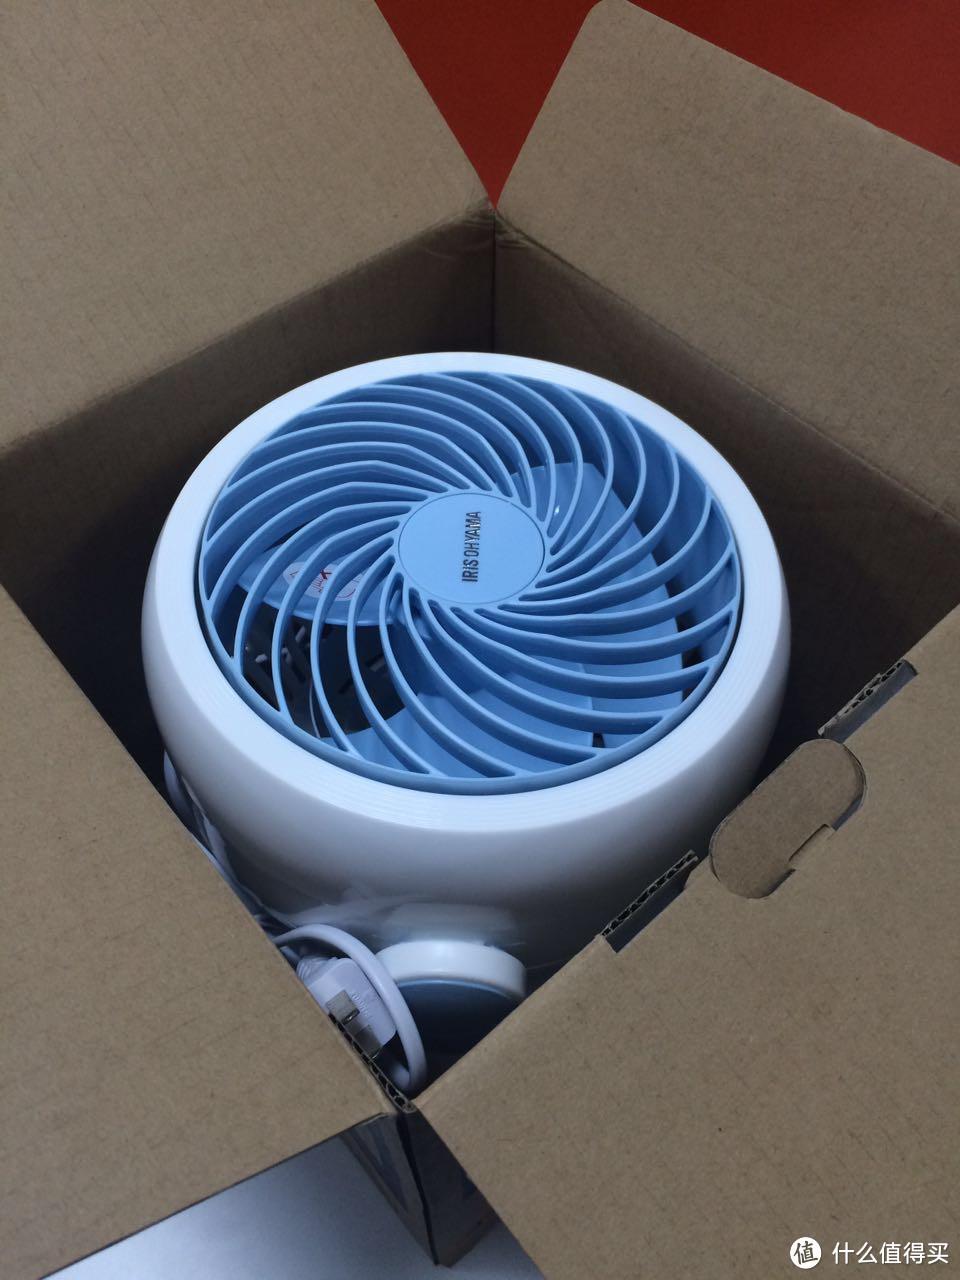 IRIS 爱丽思 空气循环扇 开箱